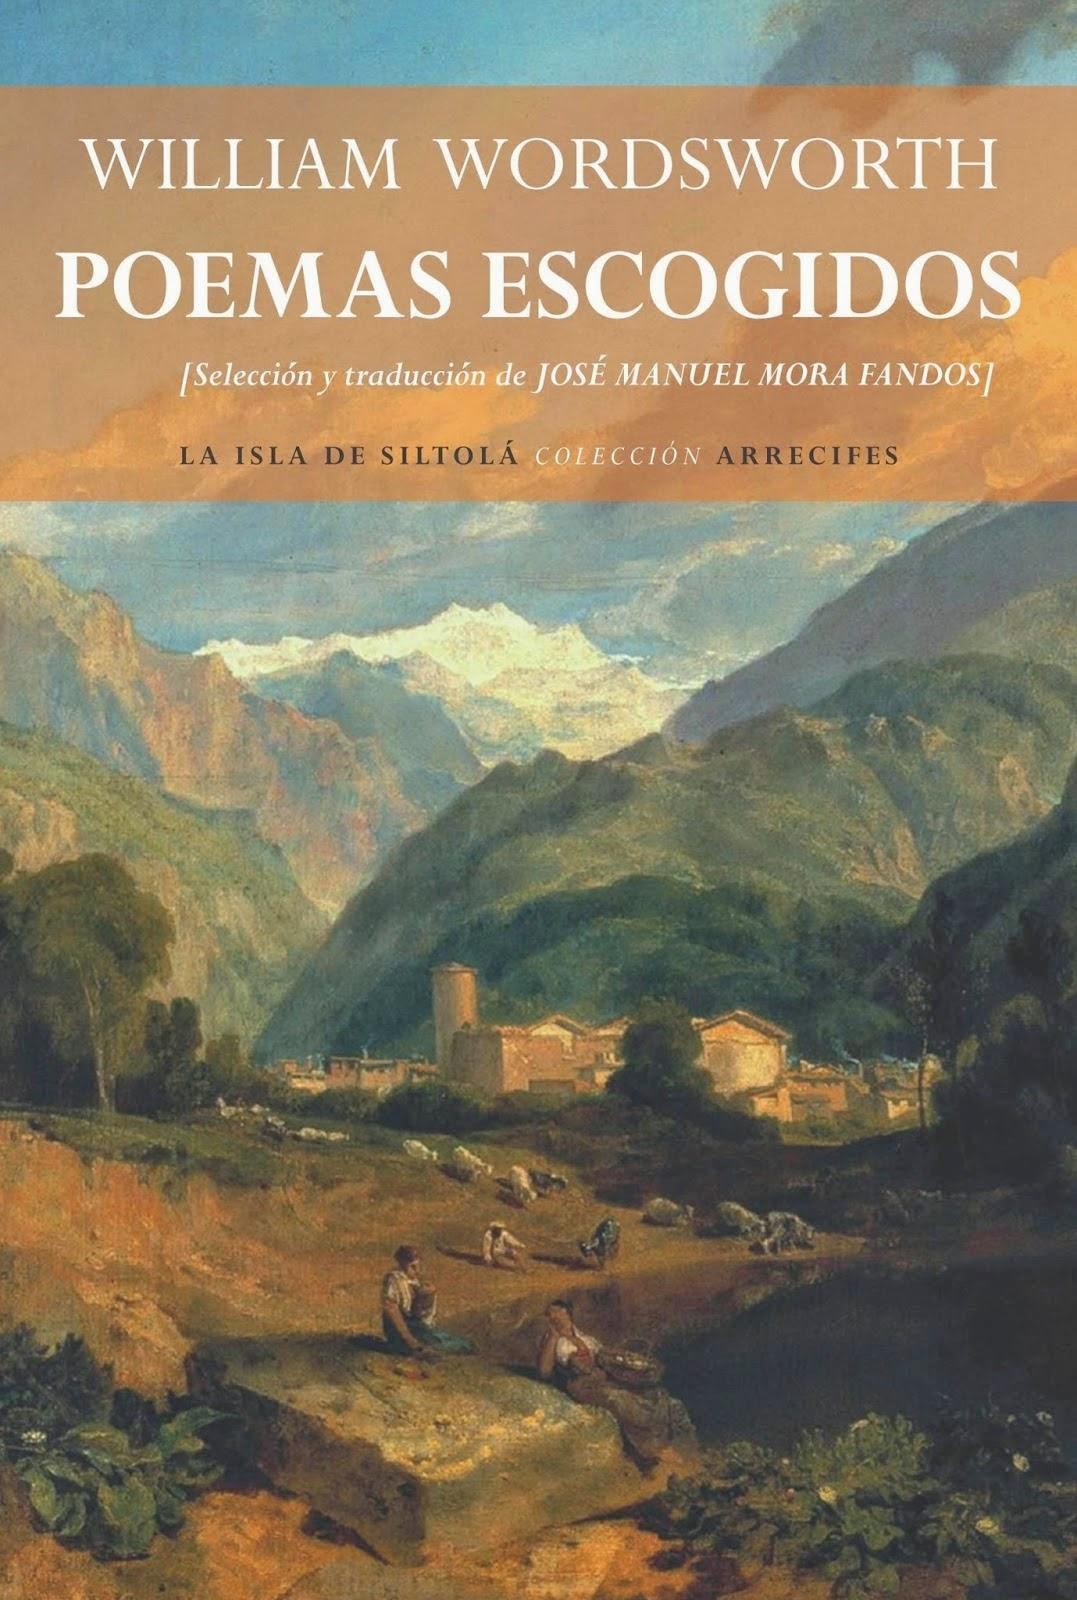 http://encuentrosconlasletras.blogspot.com.es/2015/04/poemas-escogidos-de-william-wordsworth.html